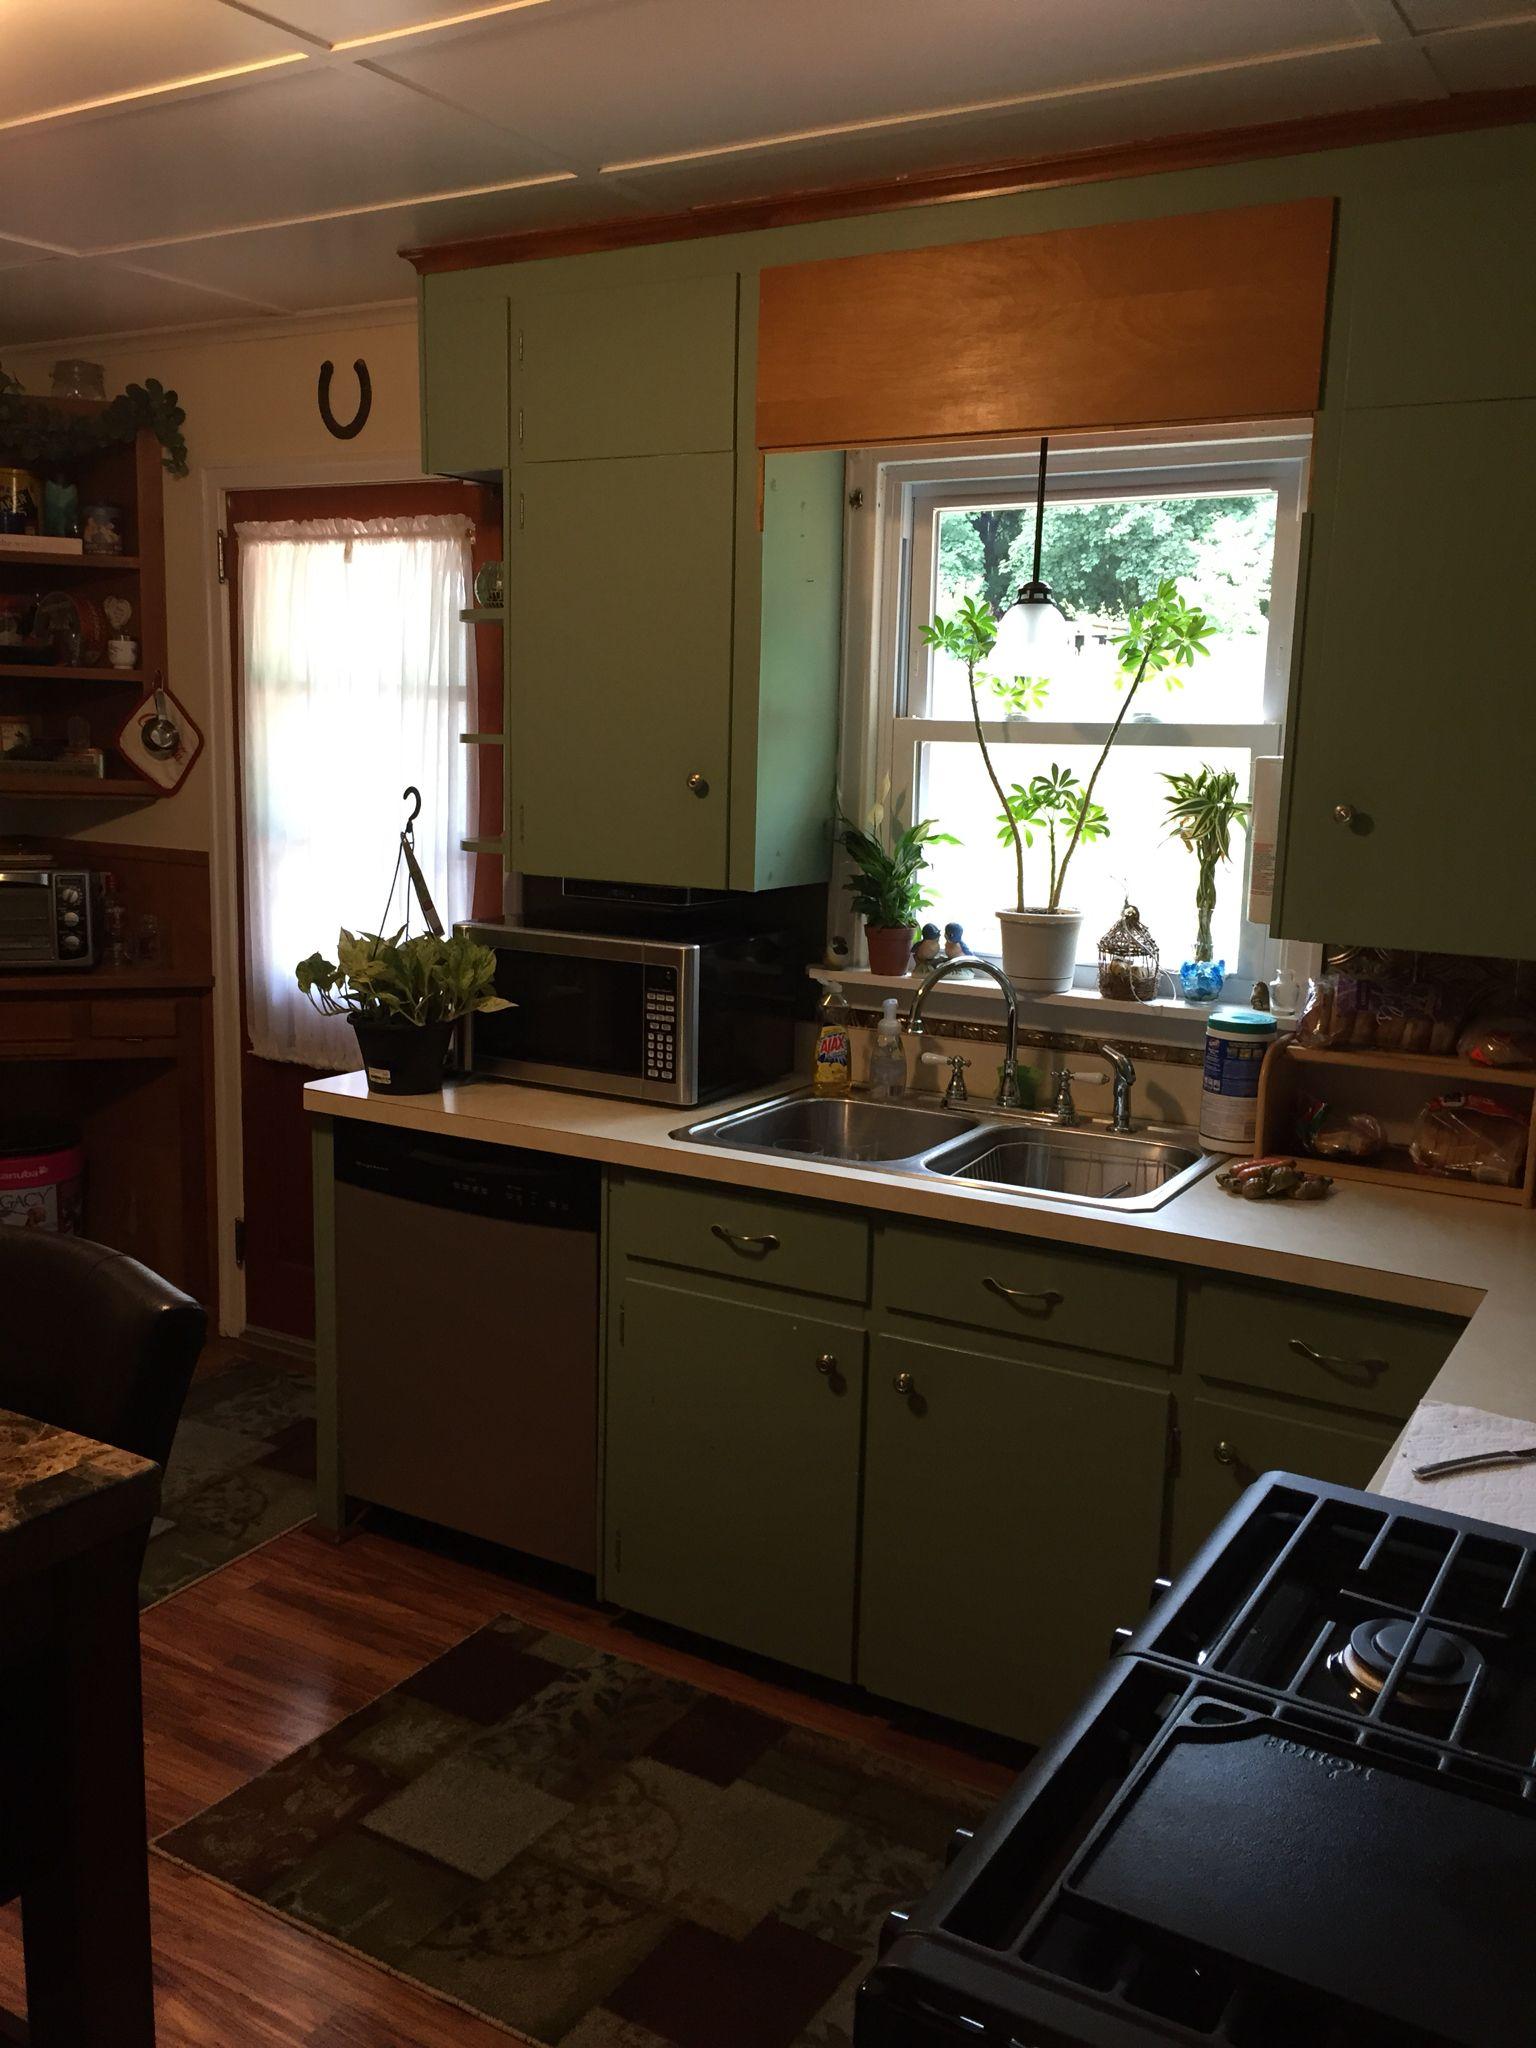 DIY kit Before | Diy kitchen projects, Kitchen, Diy kitchen